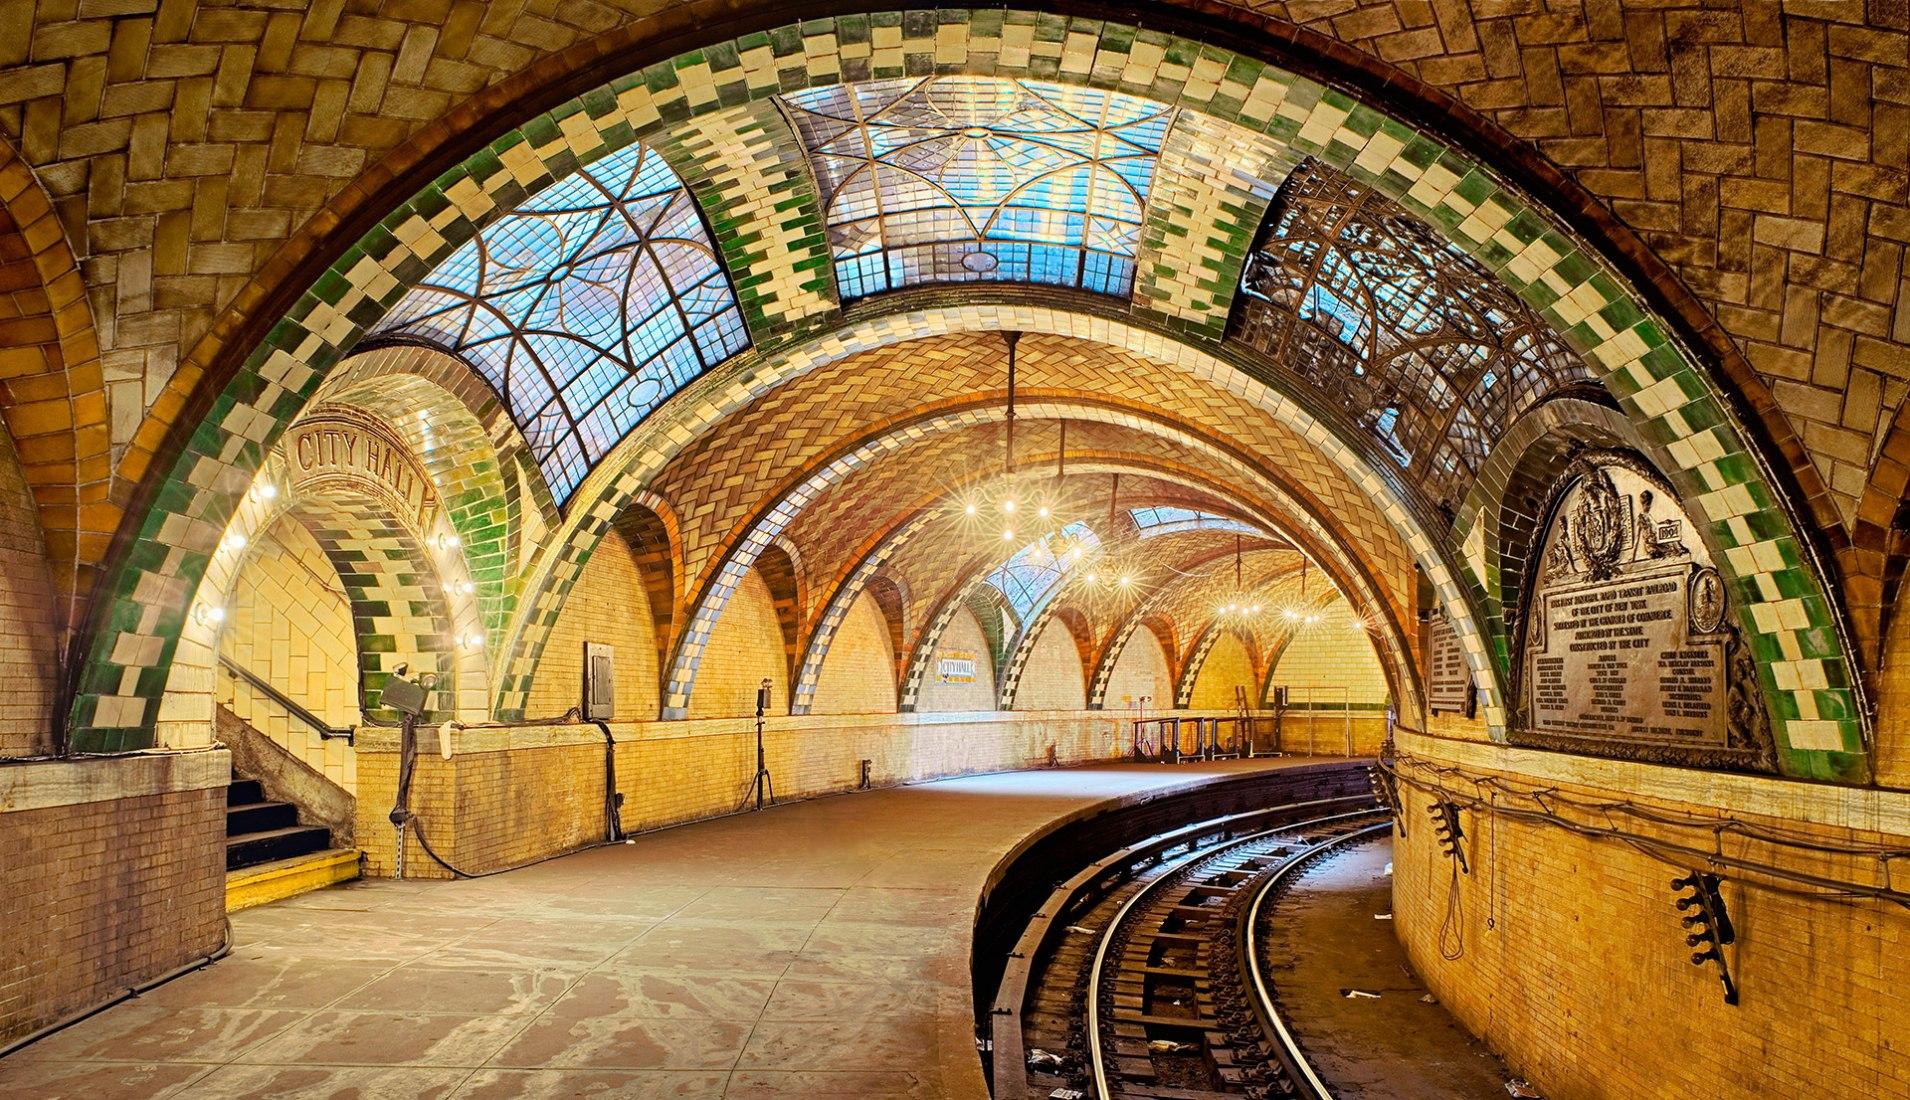 Estación de metro de Nueva York desarrollada por Guastavino